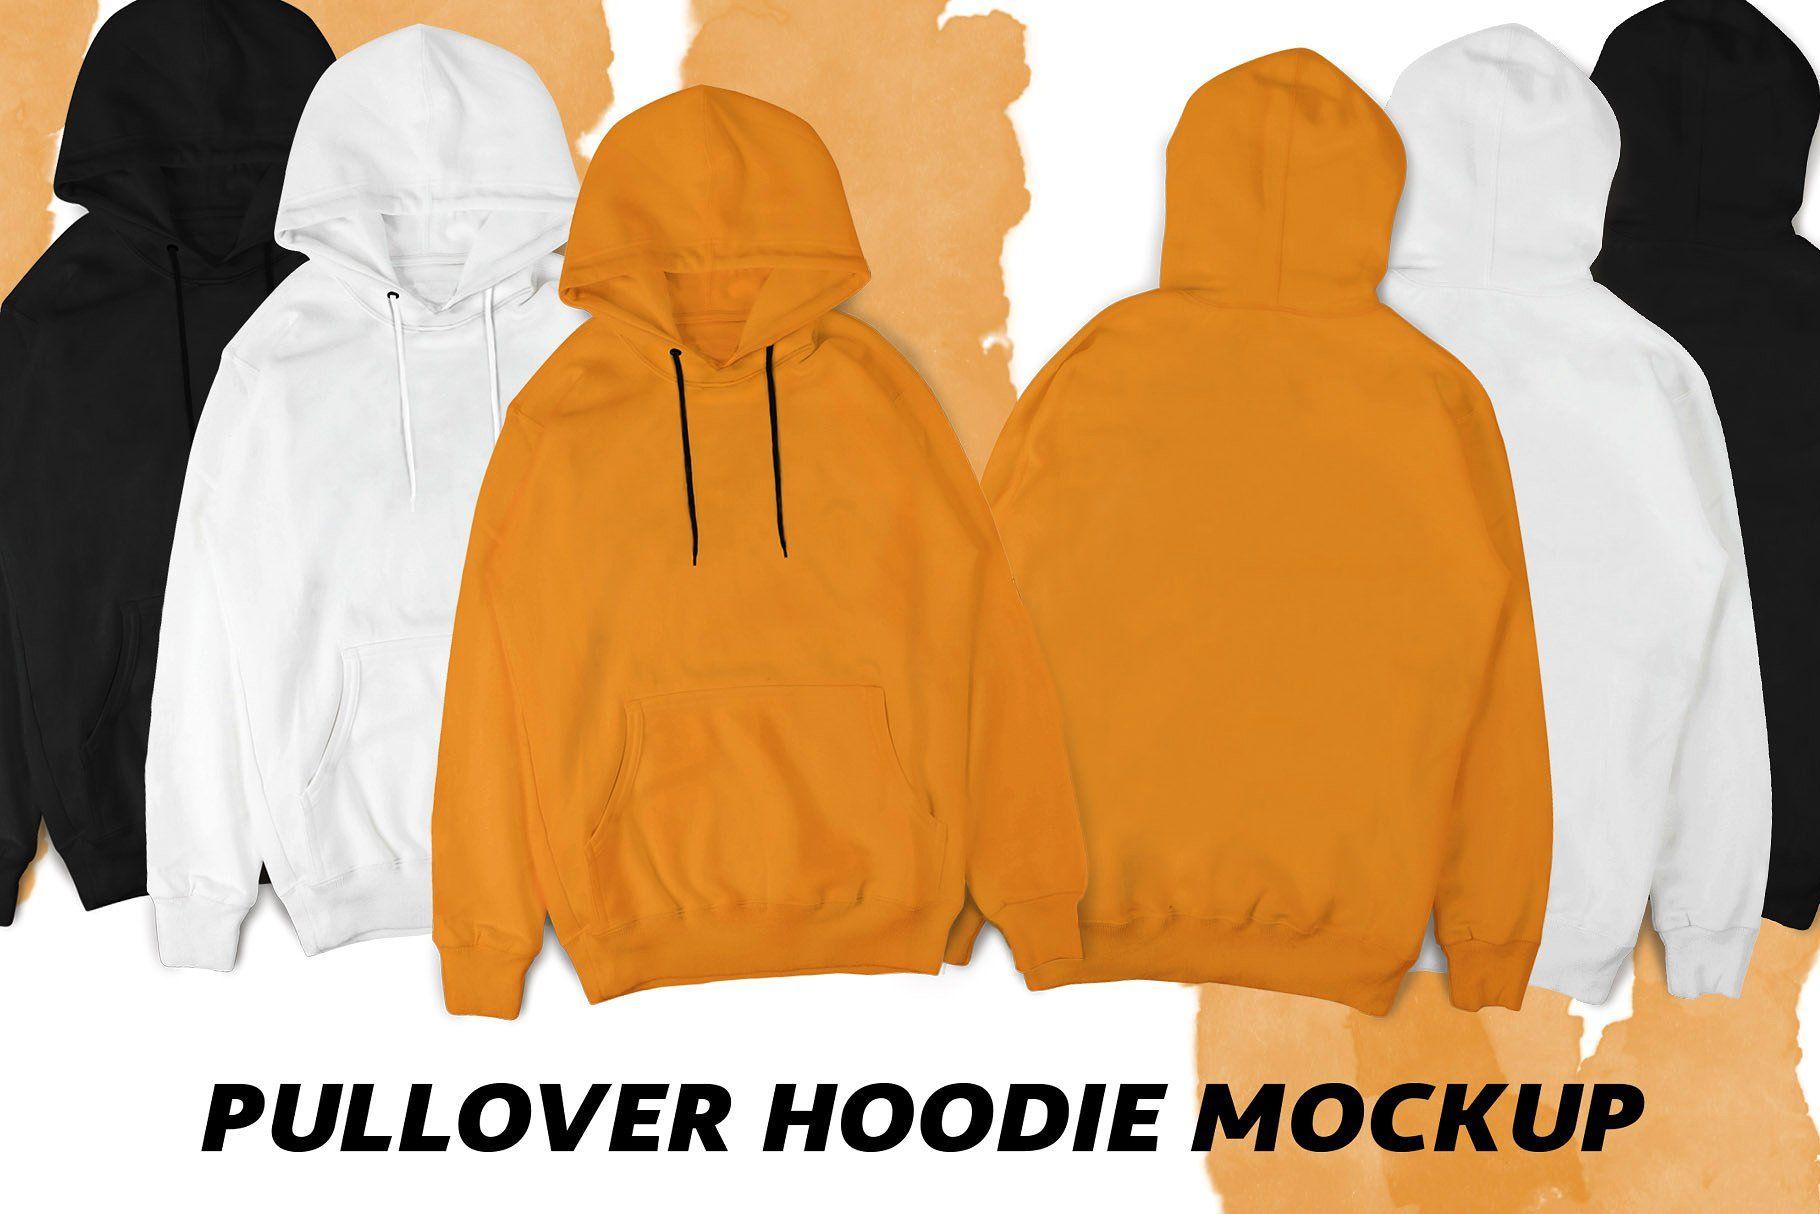 Download Realistic Pullover Hoodie Hoodie Mockup Free Hoodie Mockup Hoodie Design